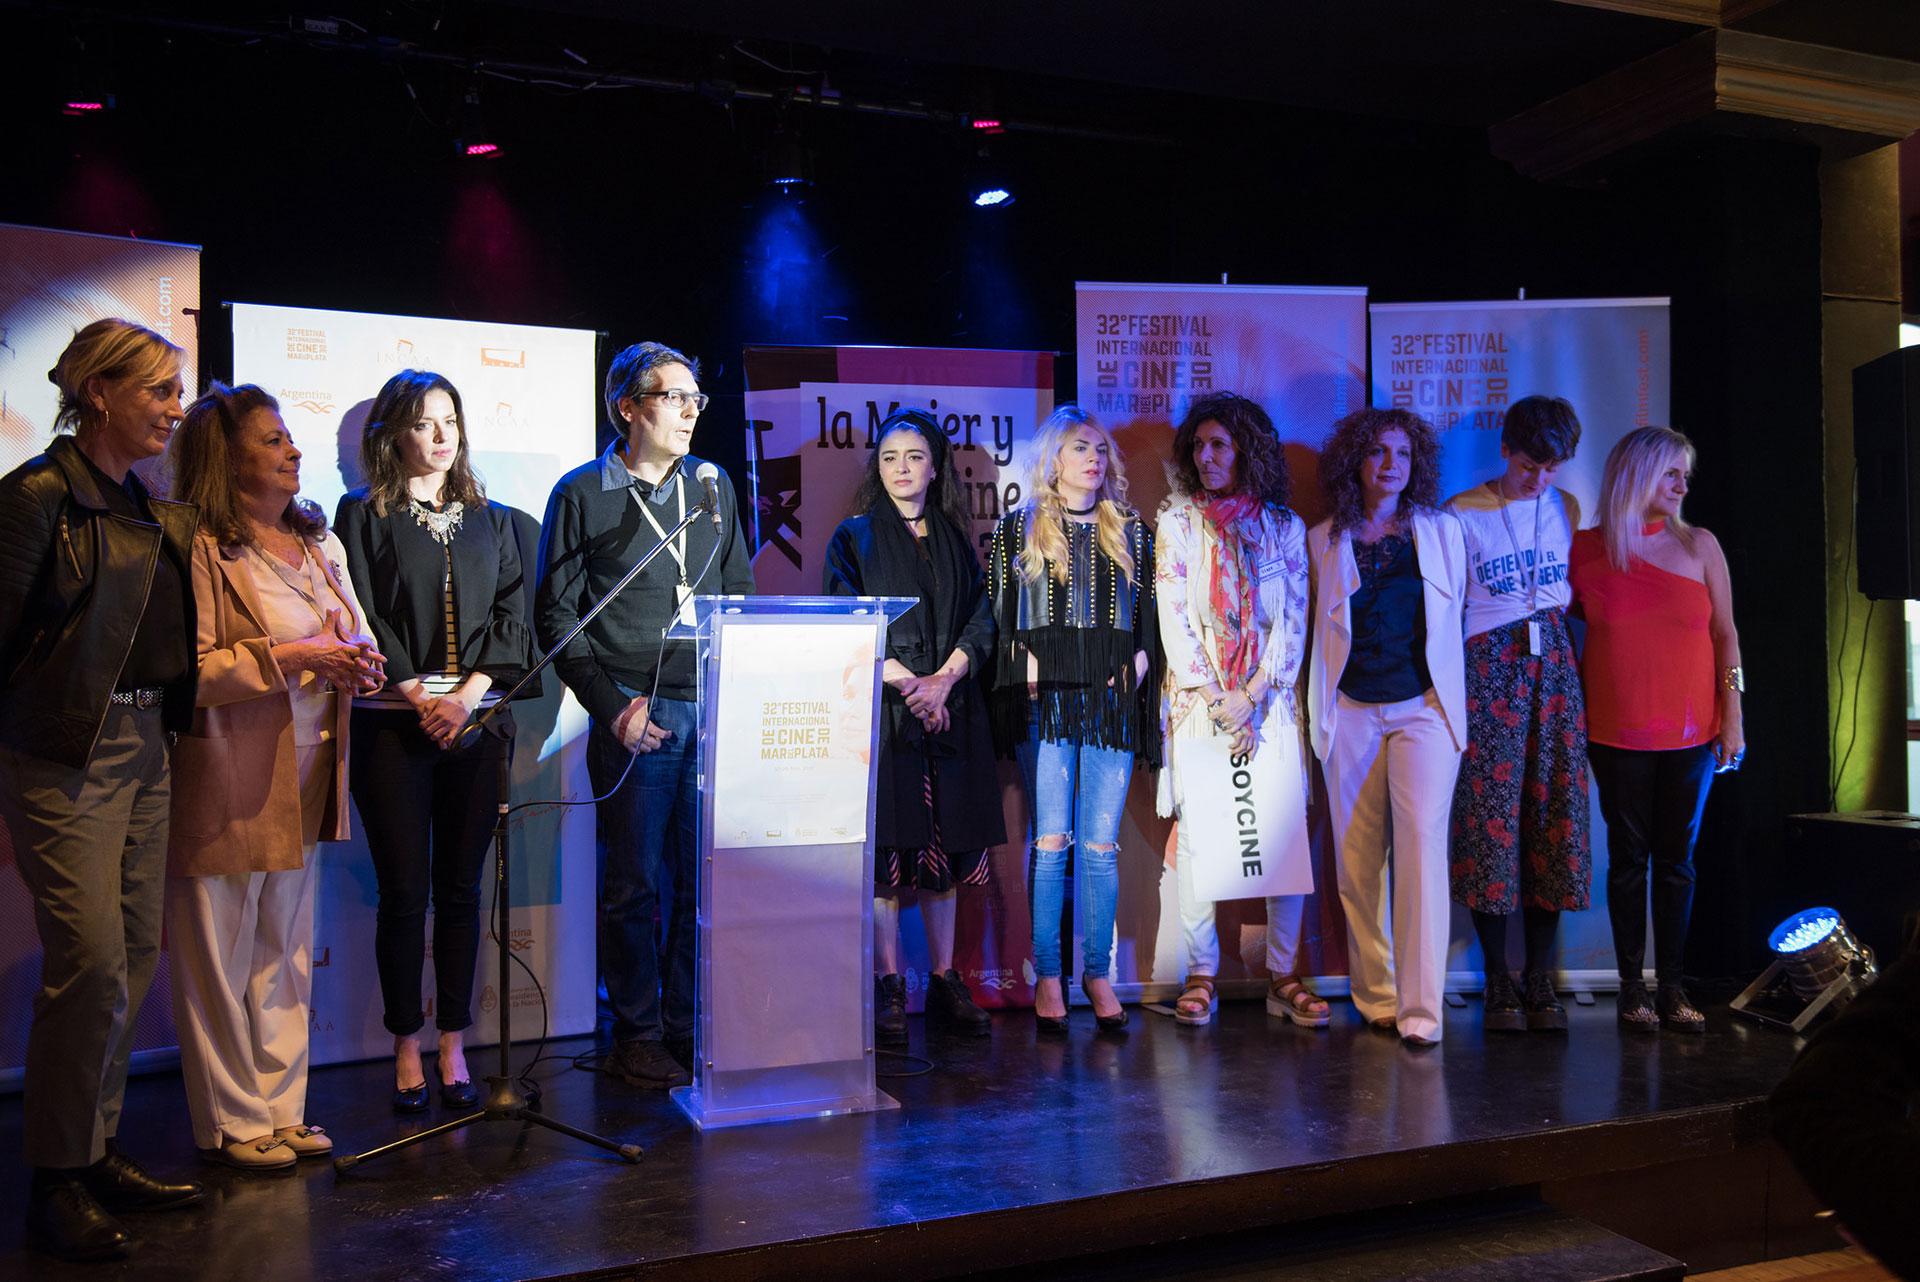 La Asociación La Mujer y el Cine, que busca apoyar, difundir y promocionar el cine realizado por mujeres de la Argentina, cumplirá 30 años en mayo próximo, pero anticipó sus festejos con un evento especial en el que se llevó a cabo un homenaje a Lita Stantic.